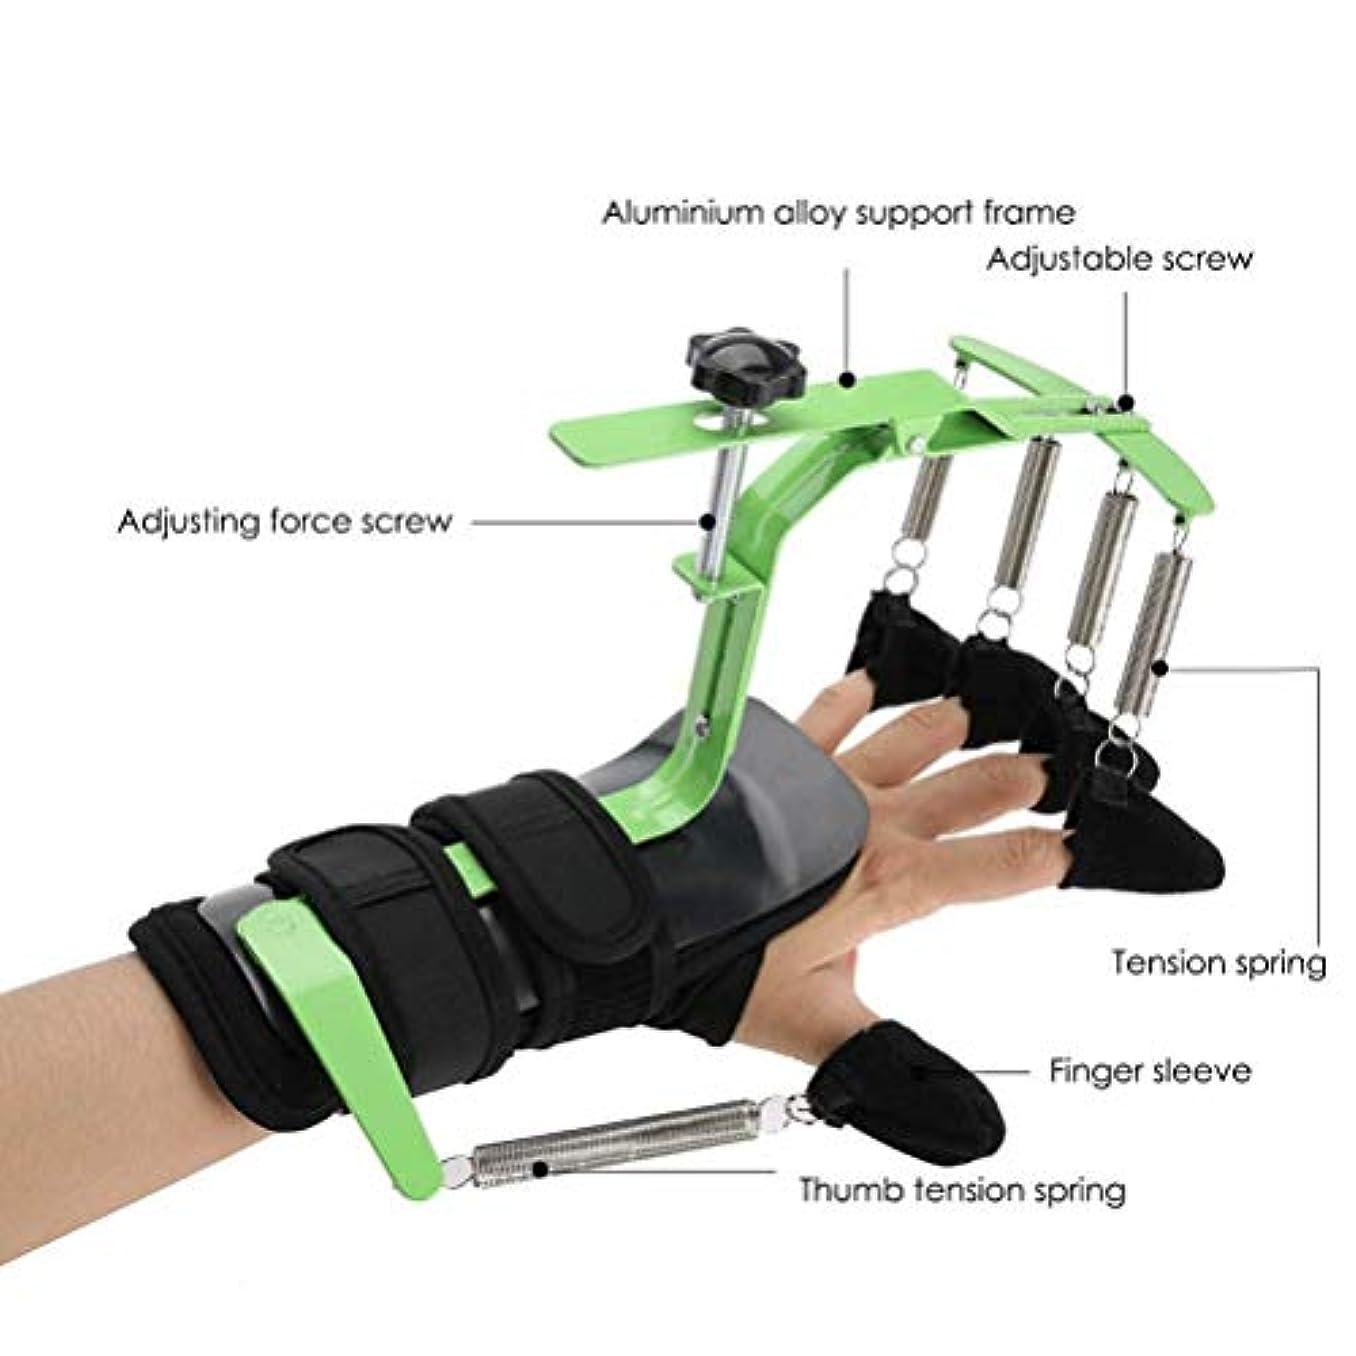 スコットランド人遮るスポット脳卒中片麻痺患者の指セパレータースプリントのためにリハビリテーションブレース指トレーニング、デバイスにサポートの手の手首のインソールトレーニング機器を指